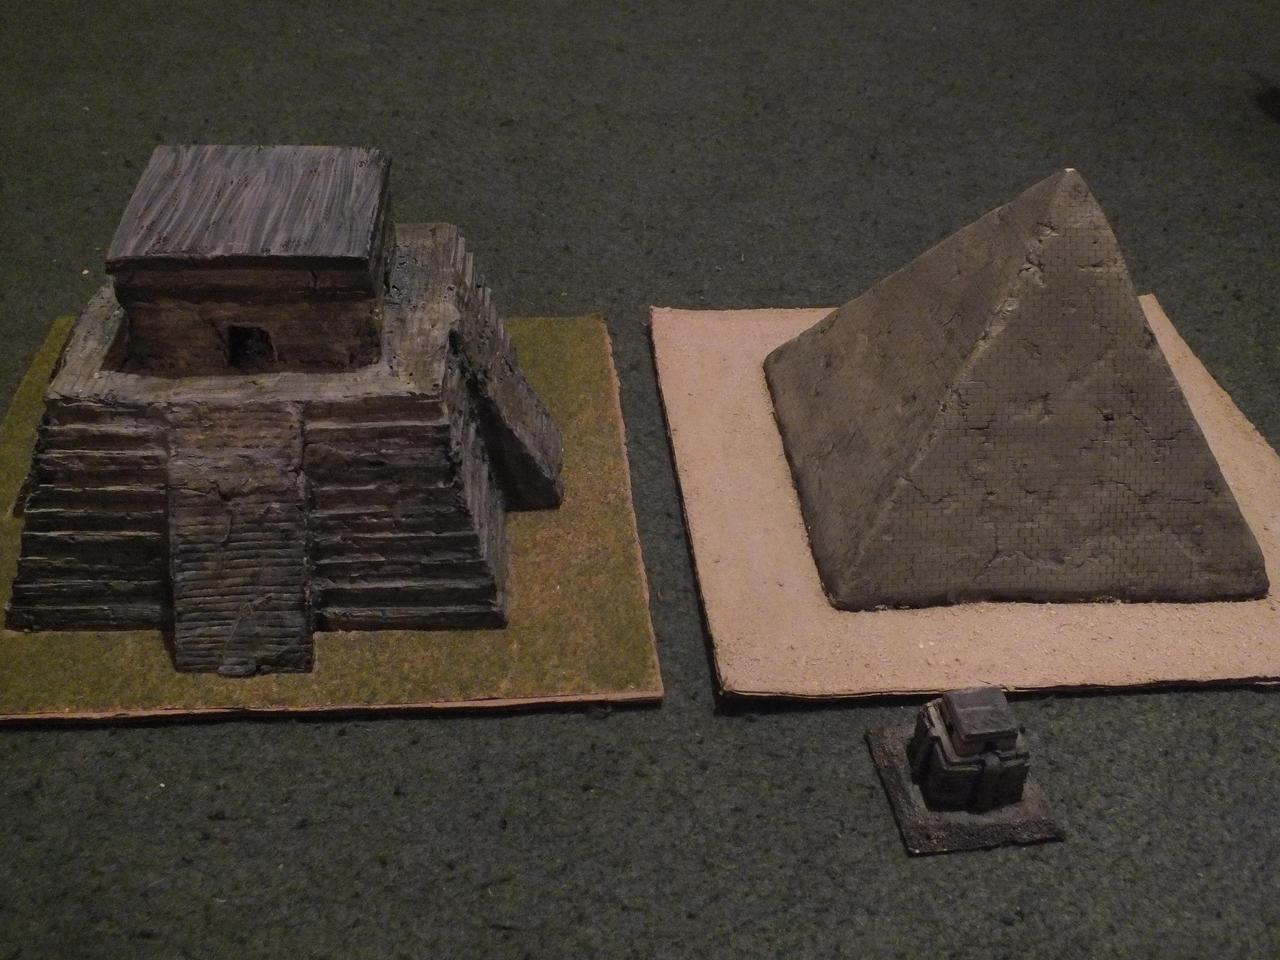 Model pyramids